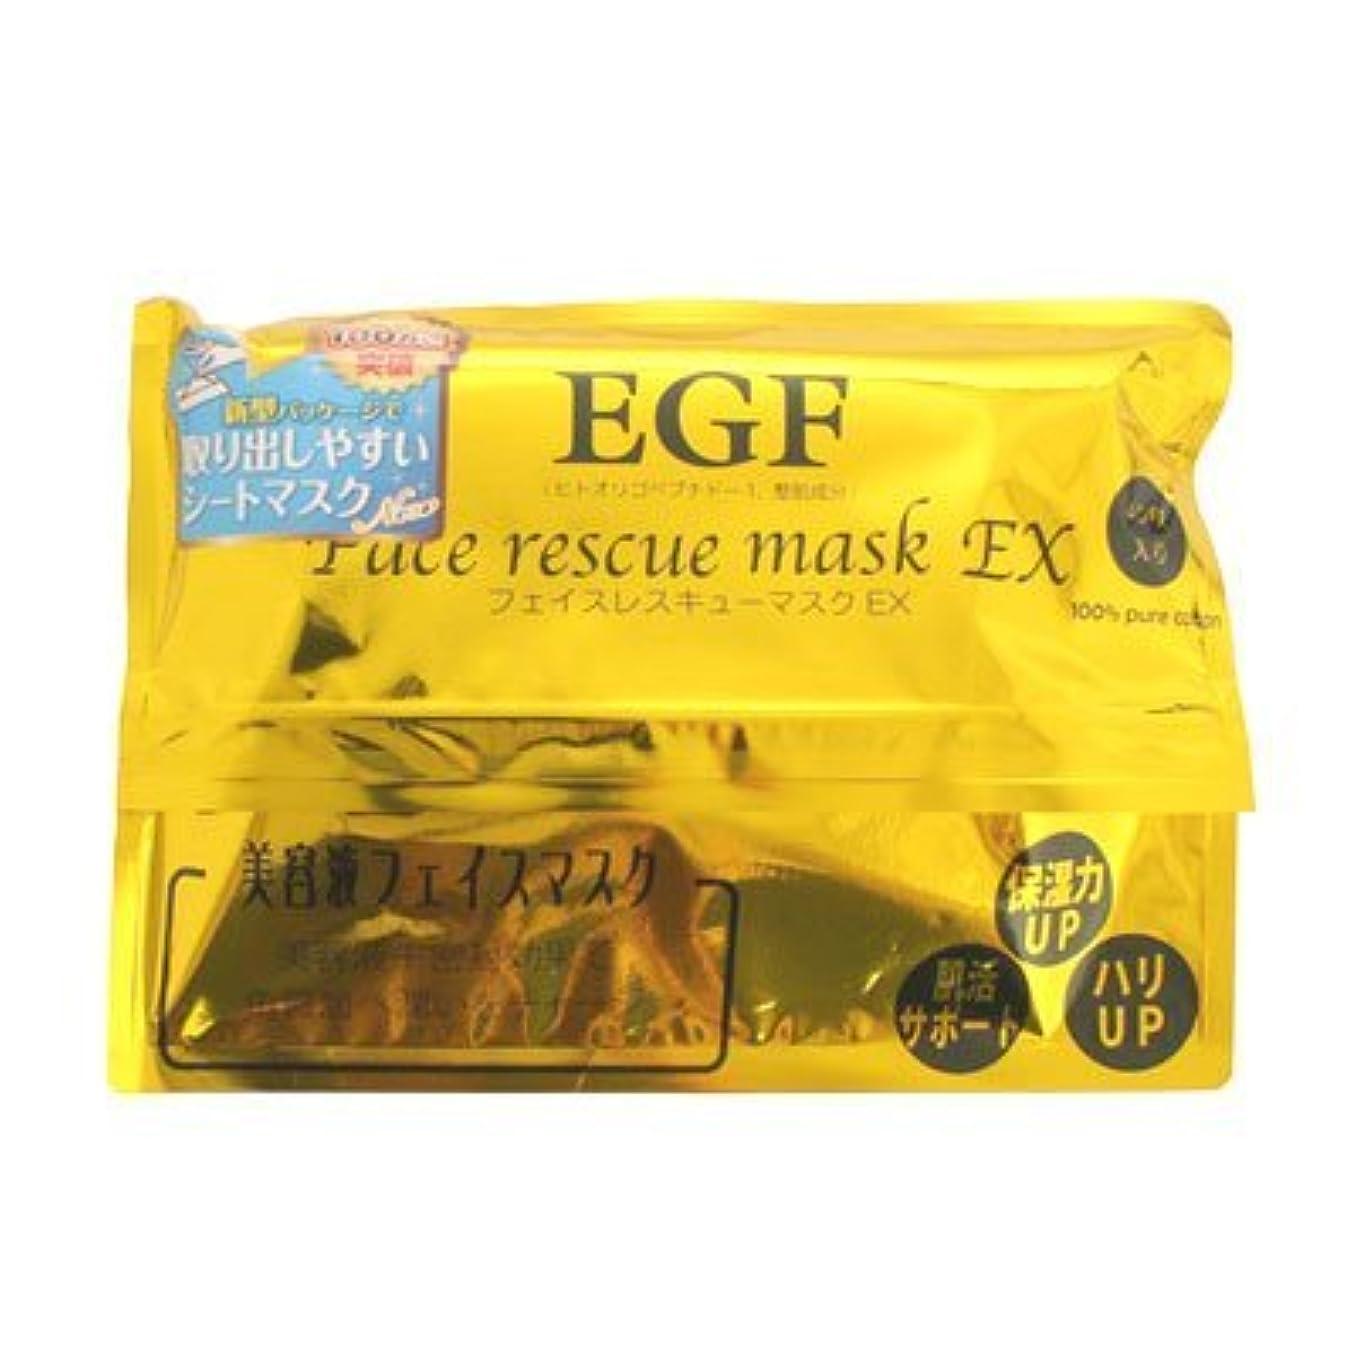 コンパイル柔和物理的にEGF フェイス レスキュー マスク EX (40枚入り) [並行輸入品]